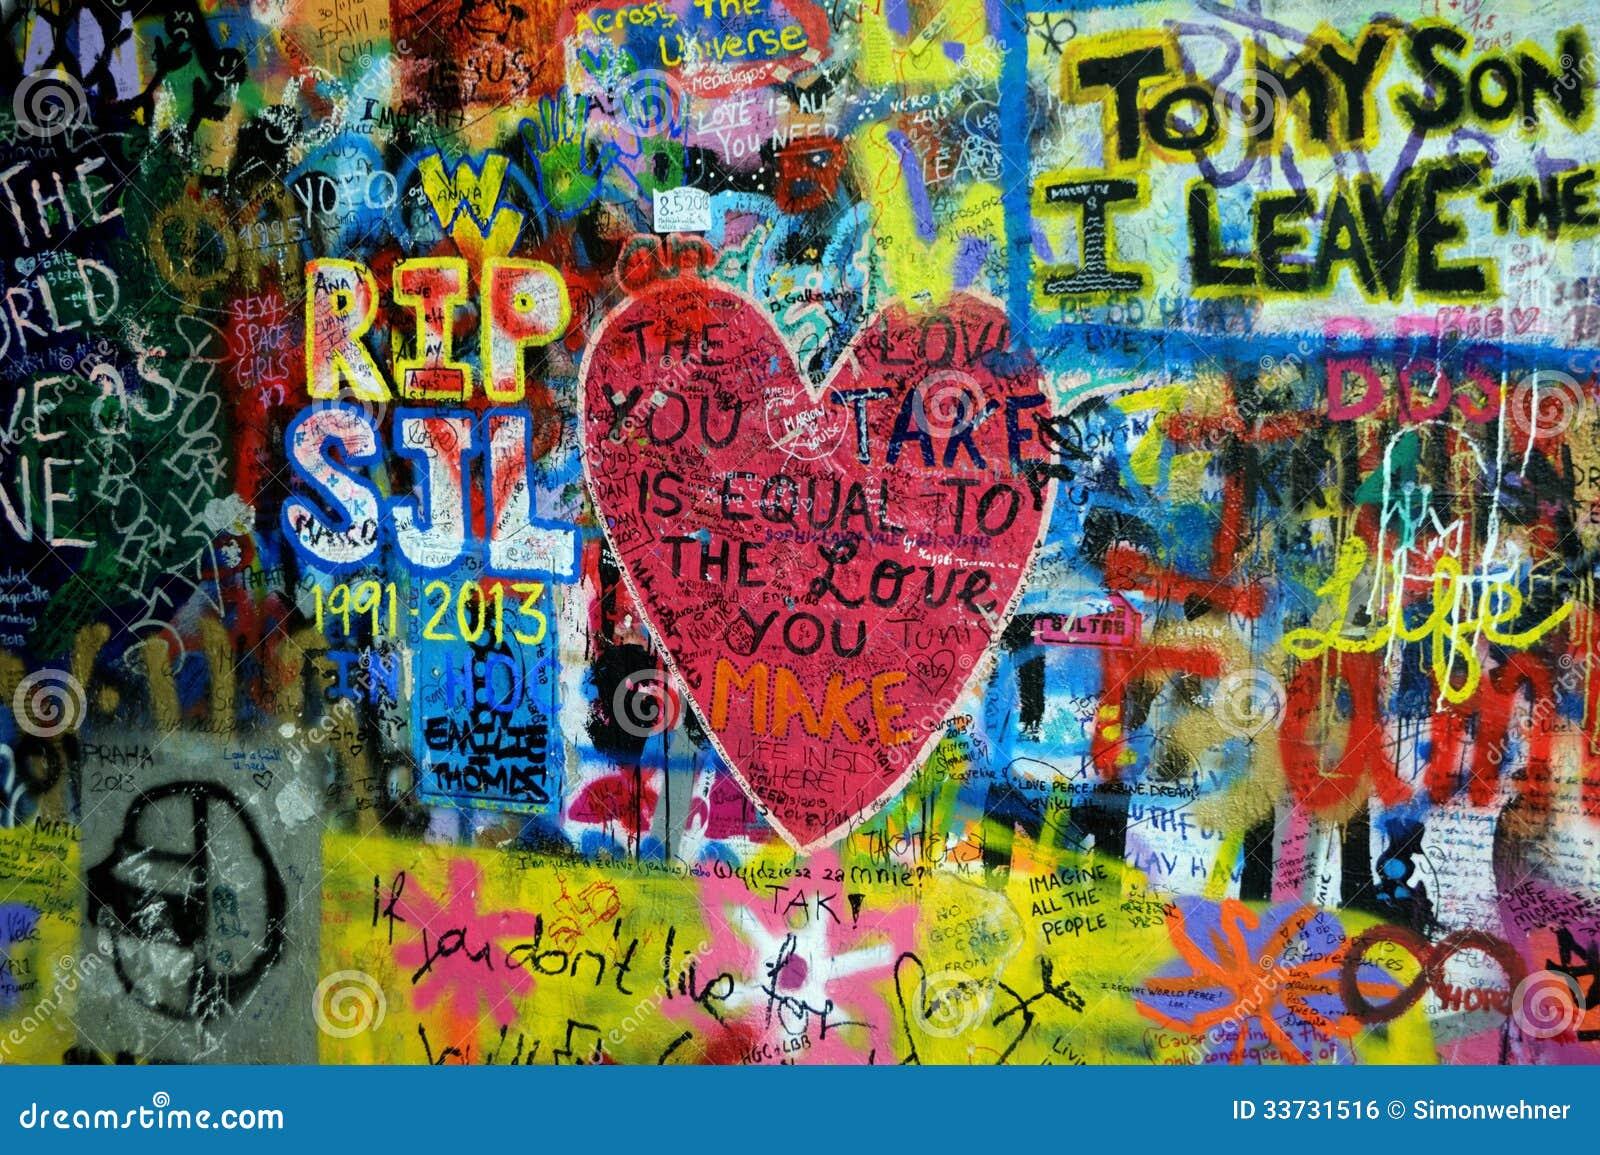 Прага, чехия - стена Джон Леннон